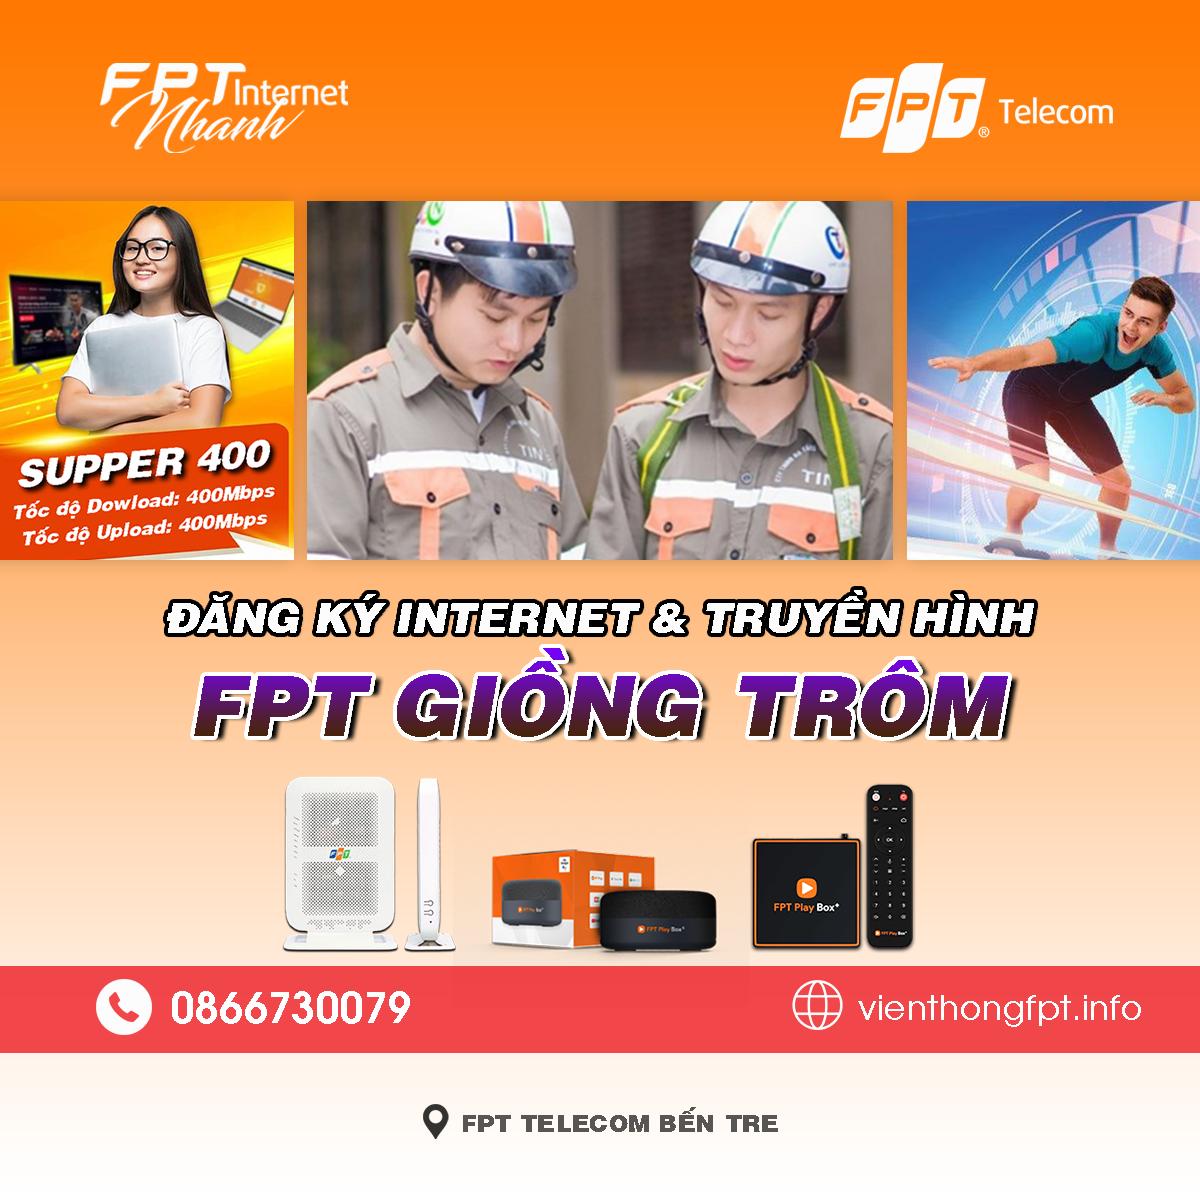 Bảng giá lắp mạng Internet + Truyền hình FPT Giồng Trôm